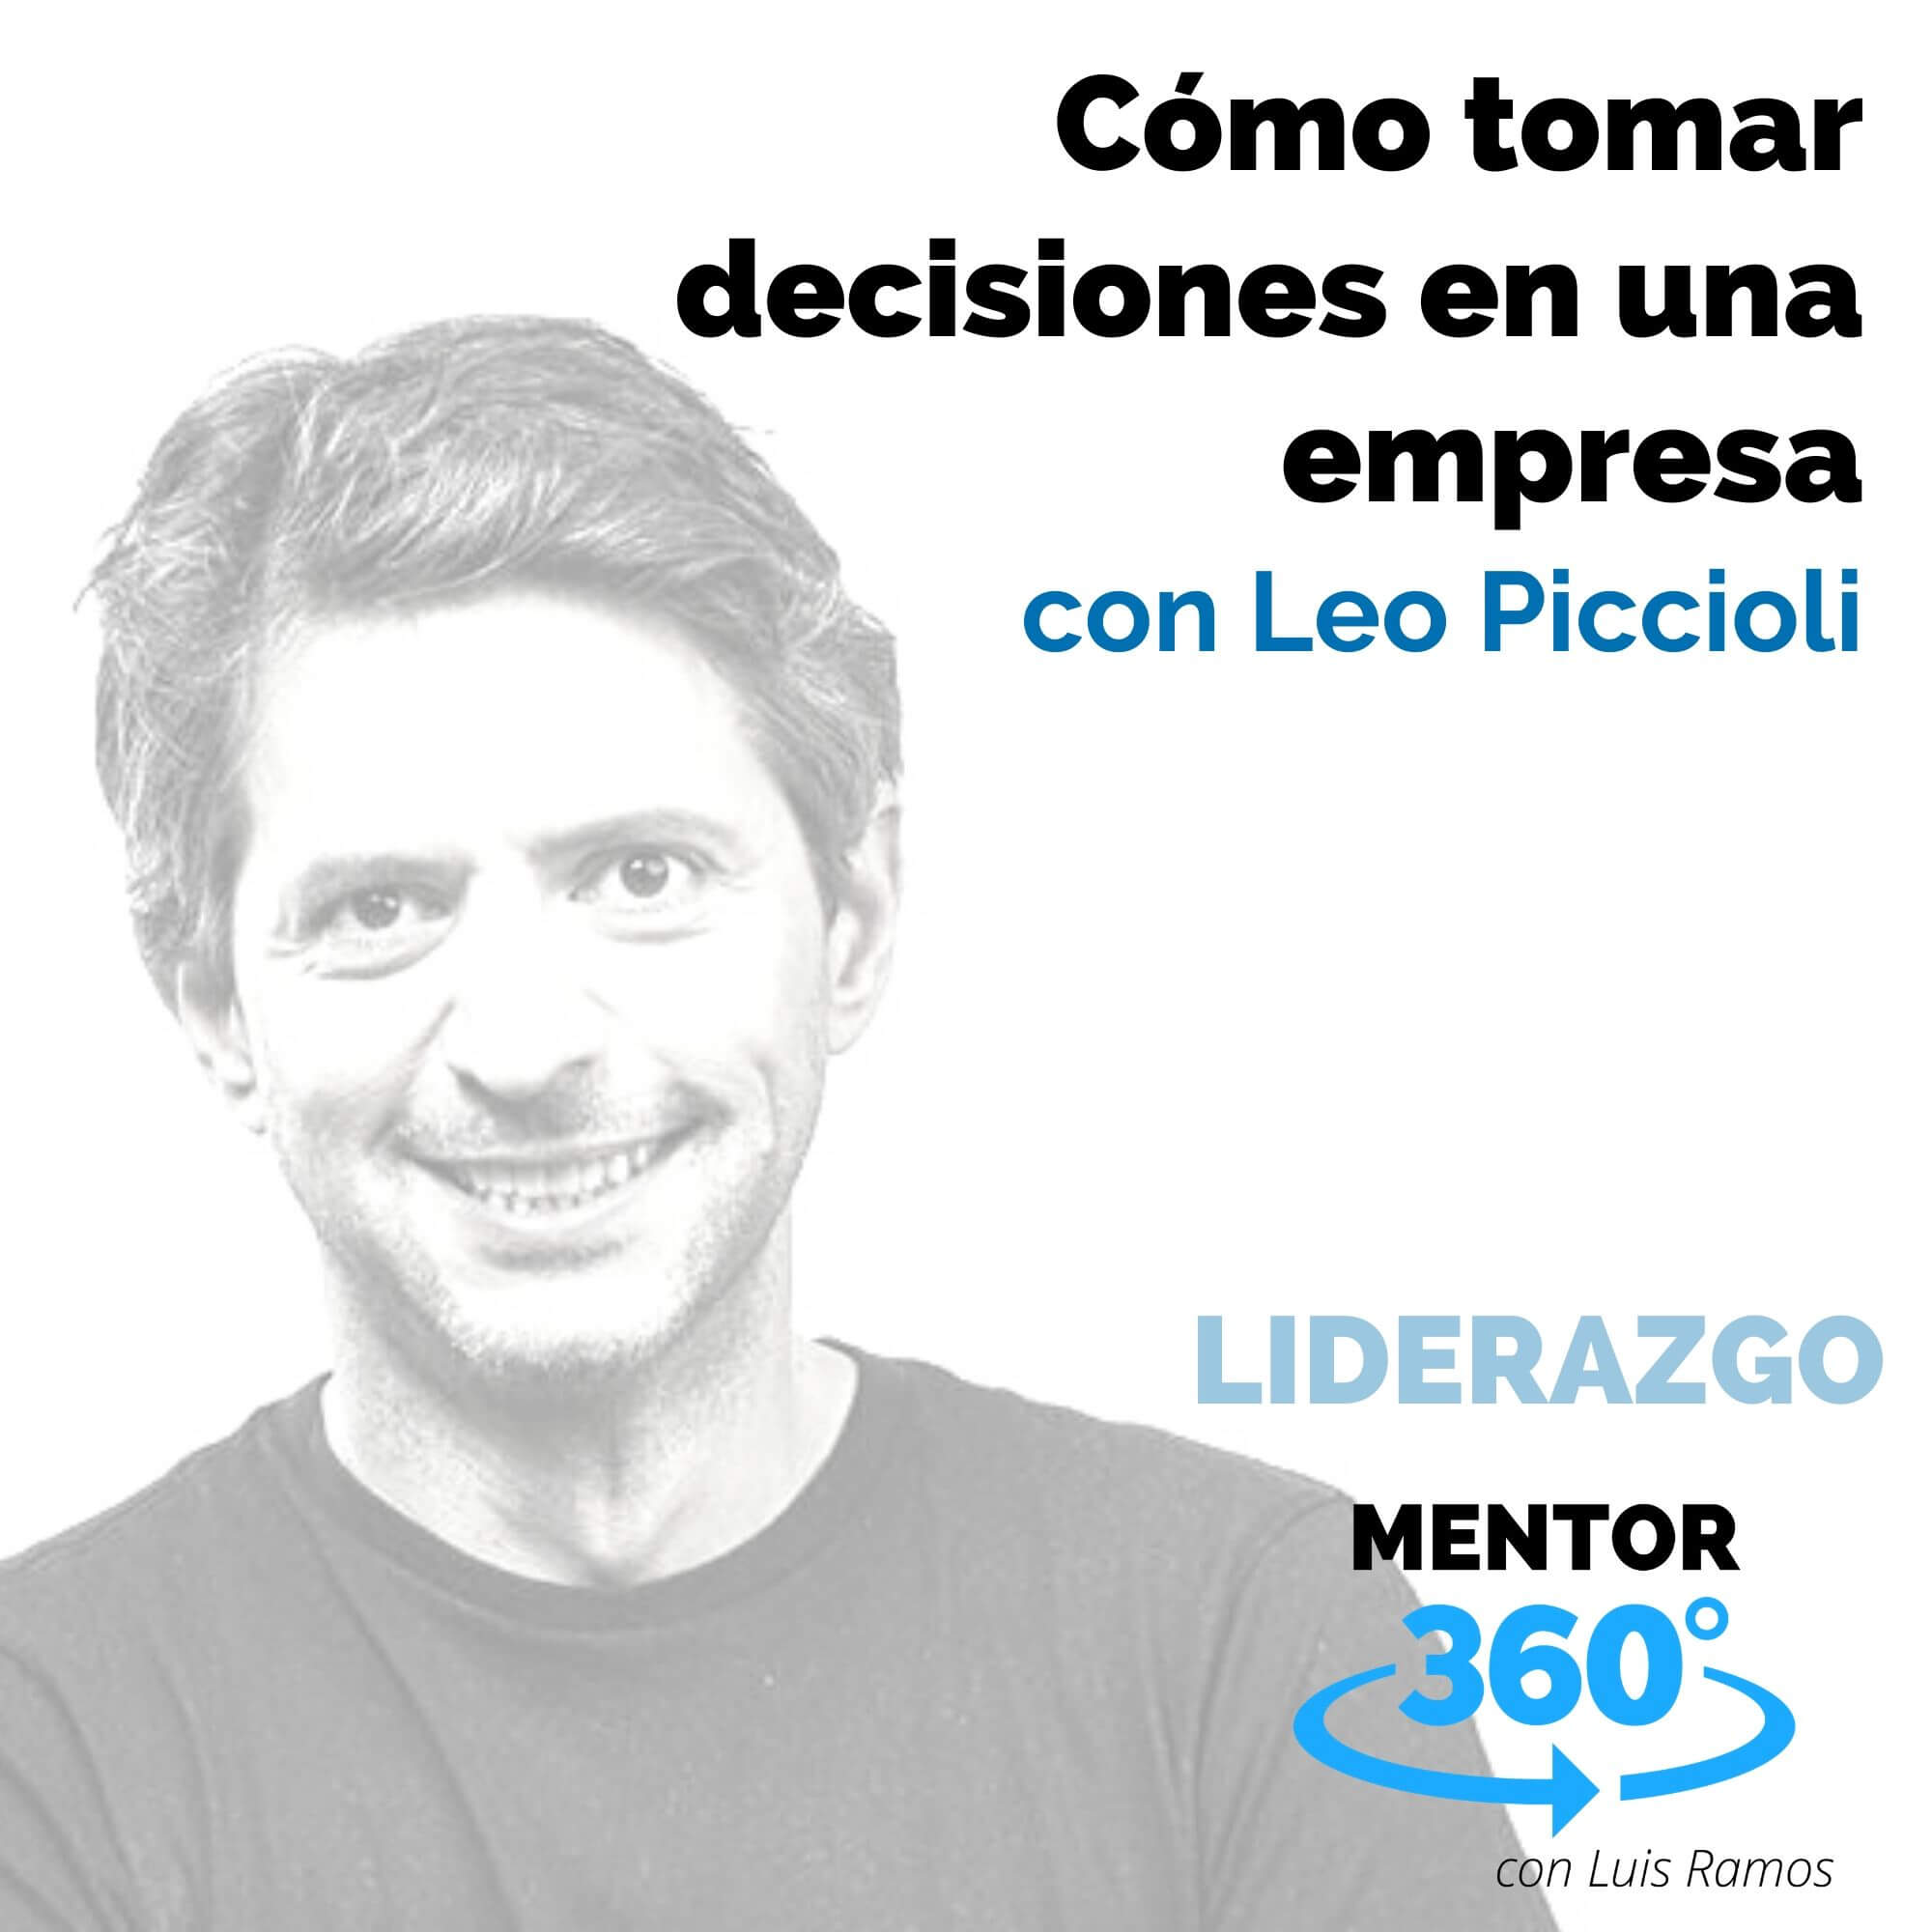 Cómo tomar decisiones en una empresa, Con Leo Piccioli - LIDERAZGO